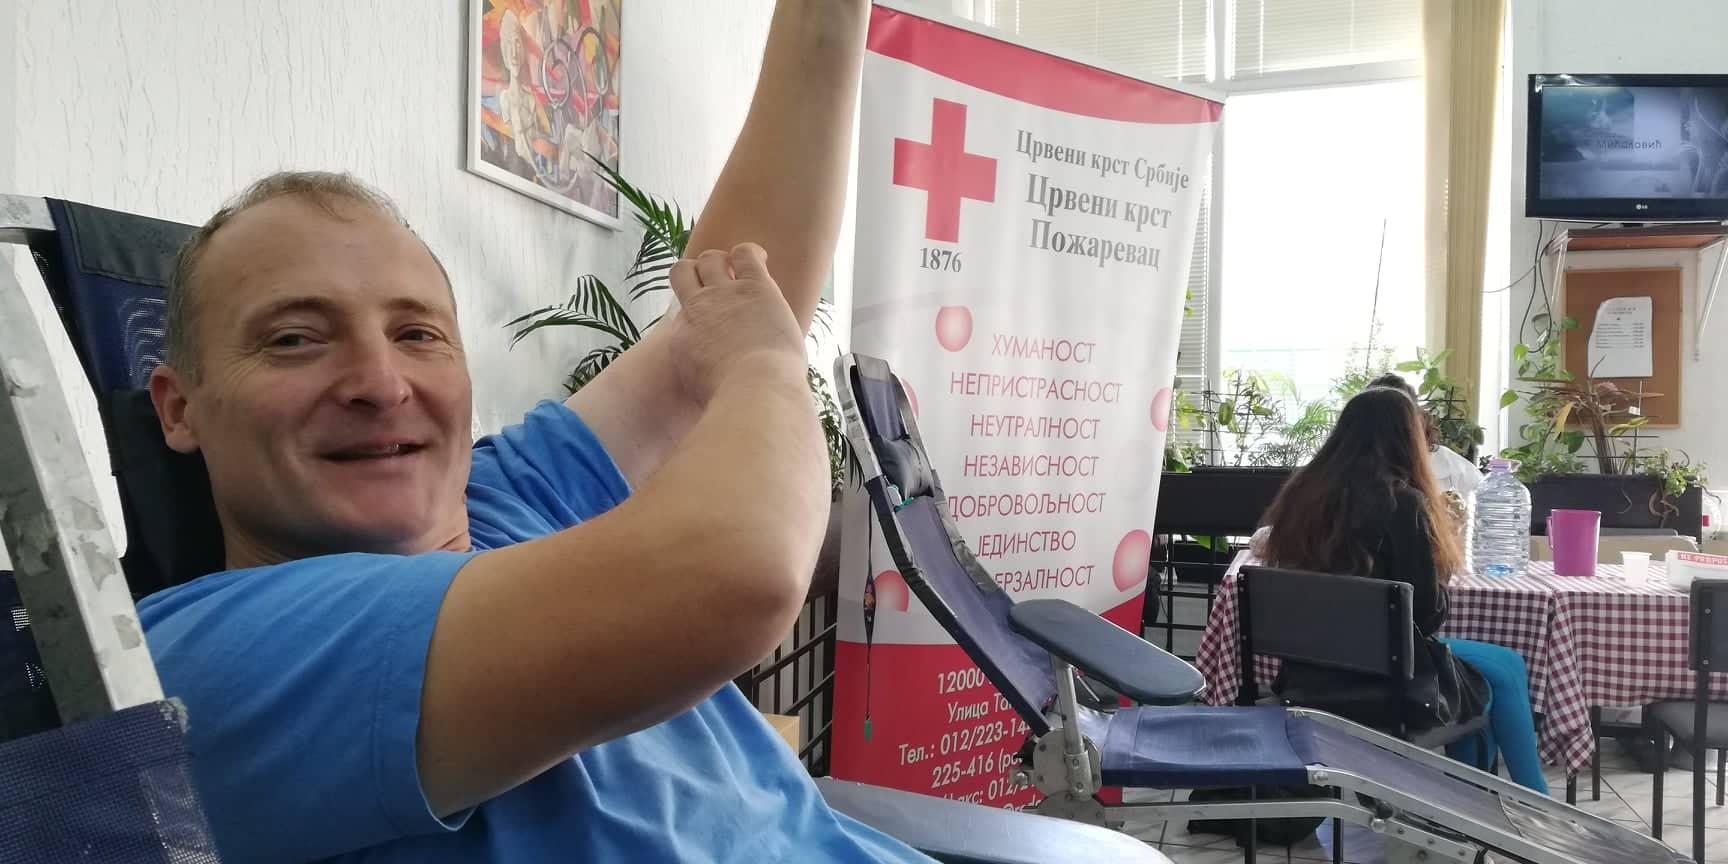 Akcija dobrovoljnog davanja krvi, zbog državnog praznika održava se danas(FOTO) 10828